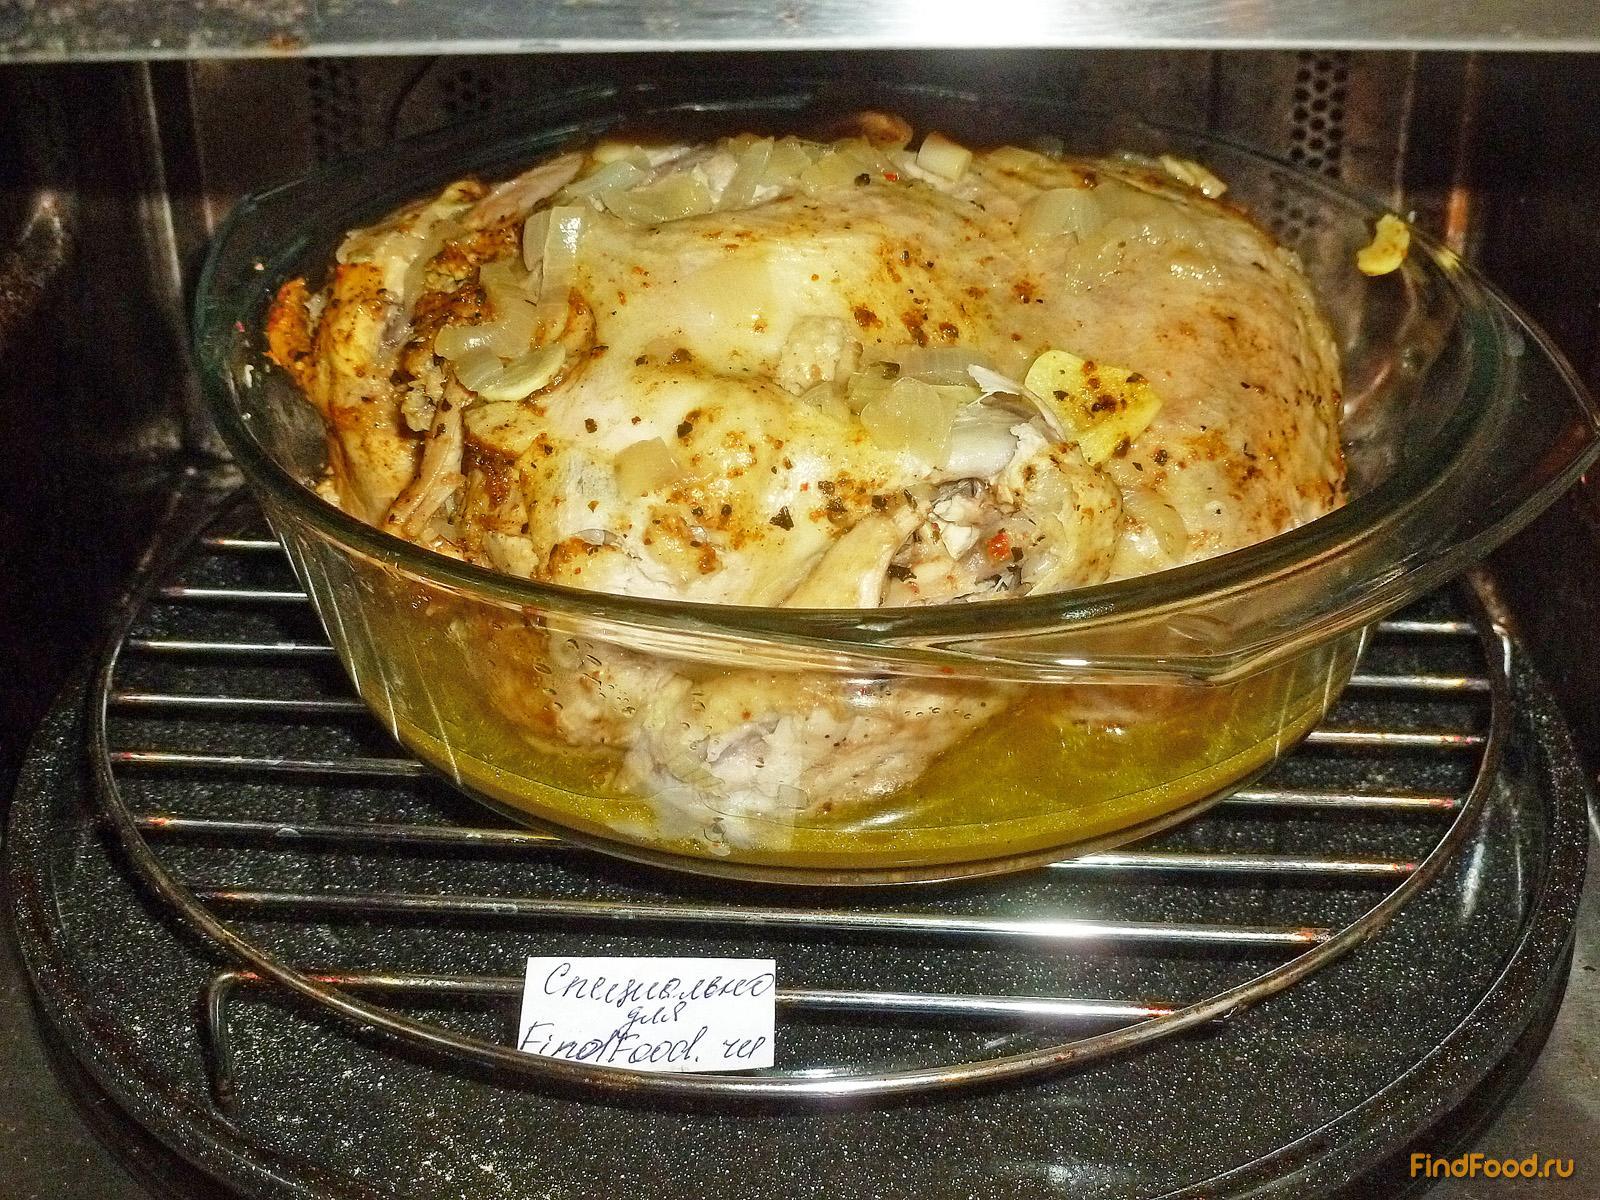 Курица с горчицей в духовке в фольге рецепты пошагово